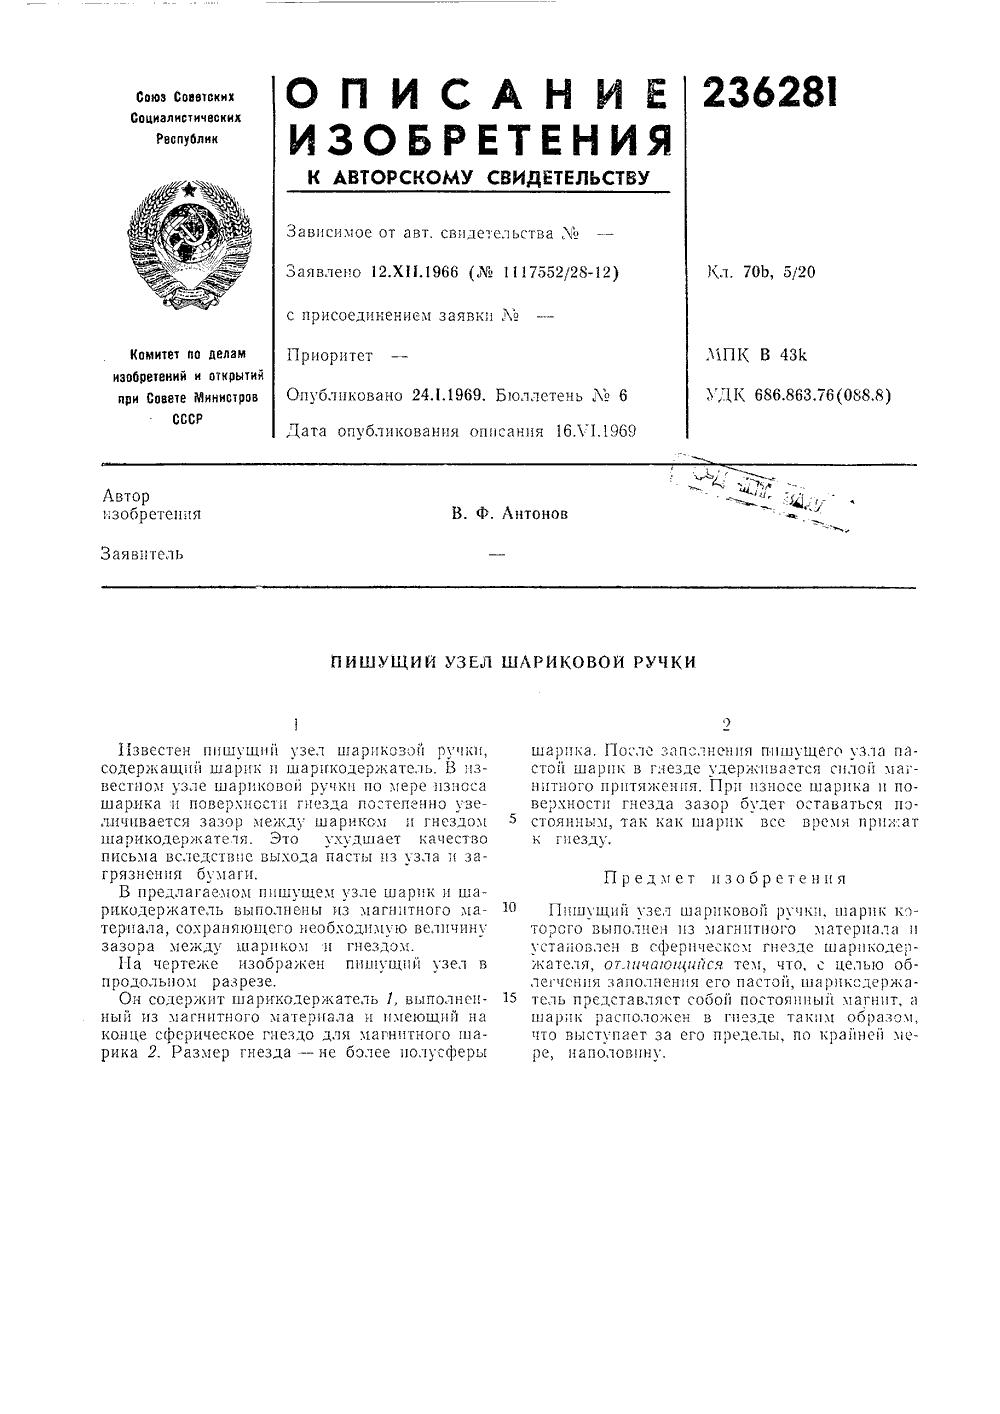 Сертификация машин пишущих сертификат соответствия на машины пишущие сертификация услуг на автотранспорте в зарубежных странах